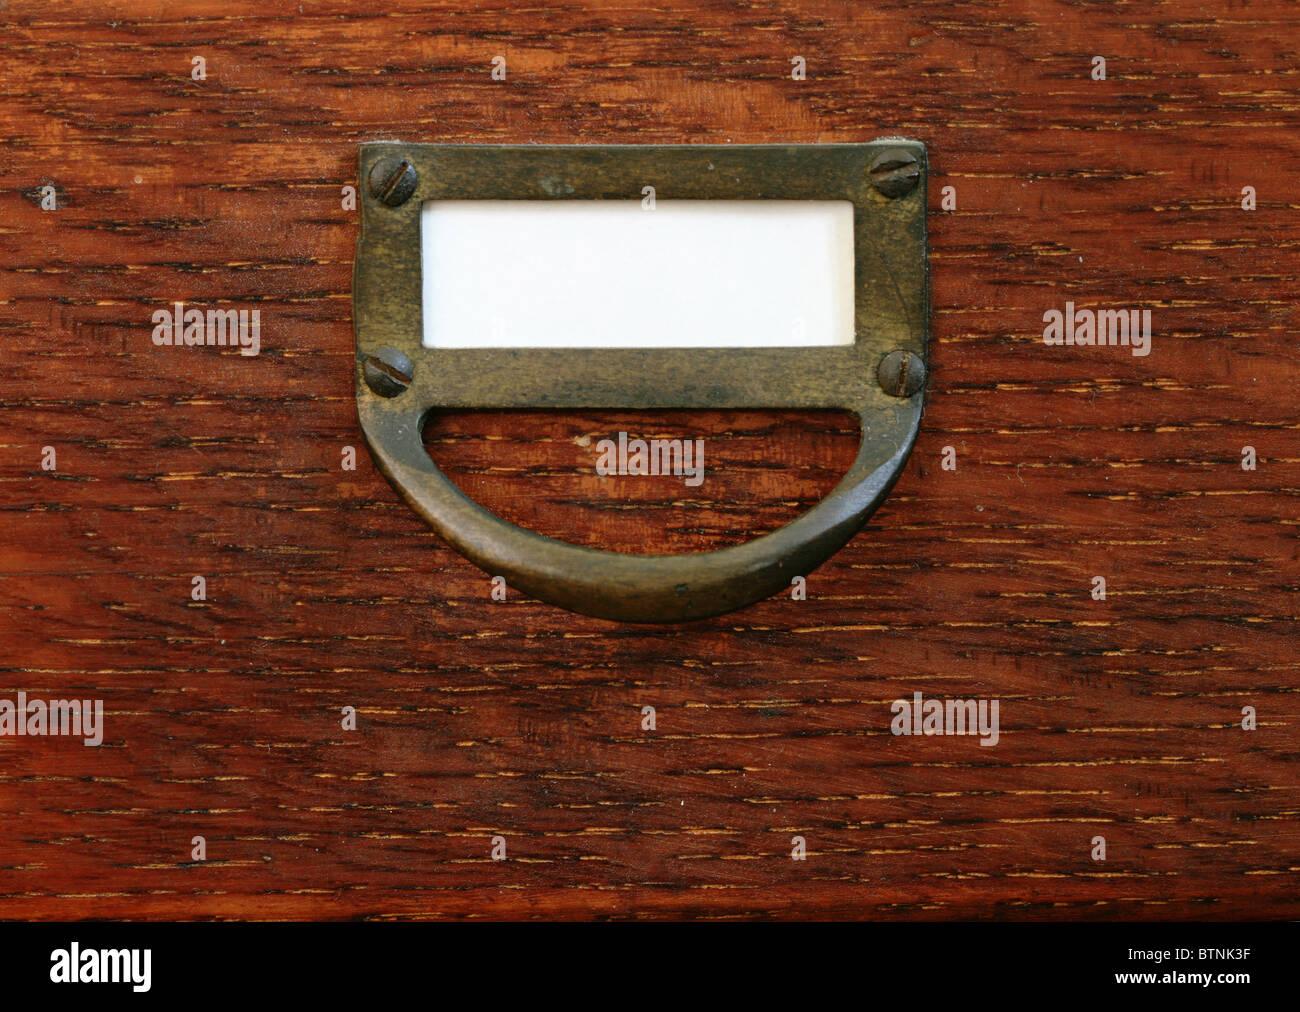 Carte de vieux bois avec tiroir catalogue blank white label et tirez en laiton Photo Stock